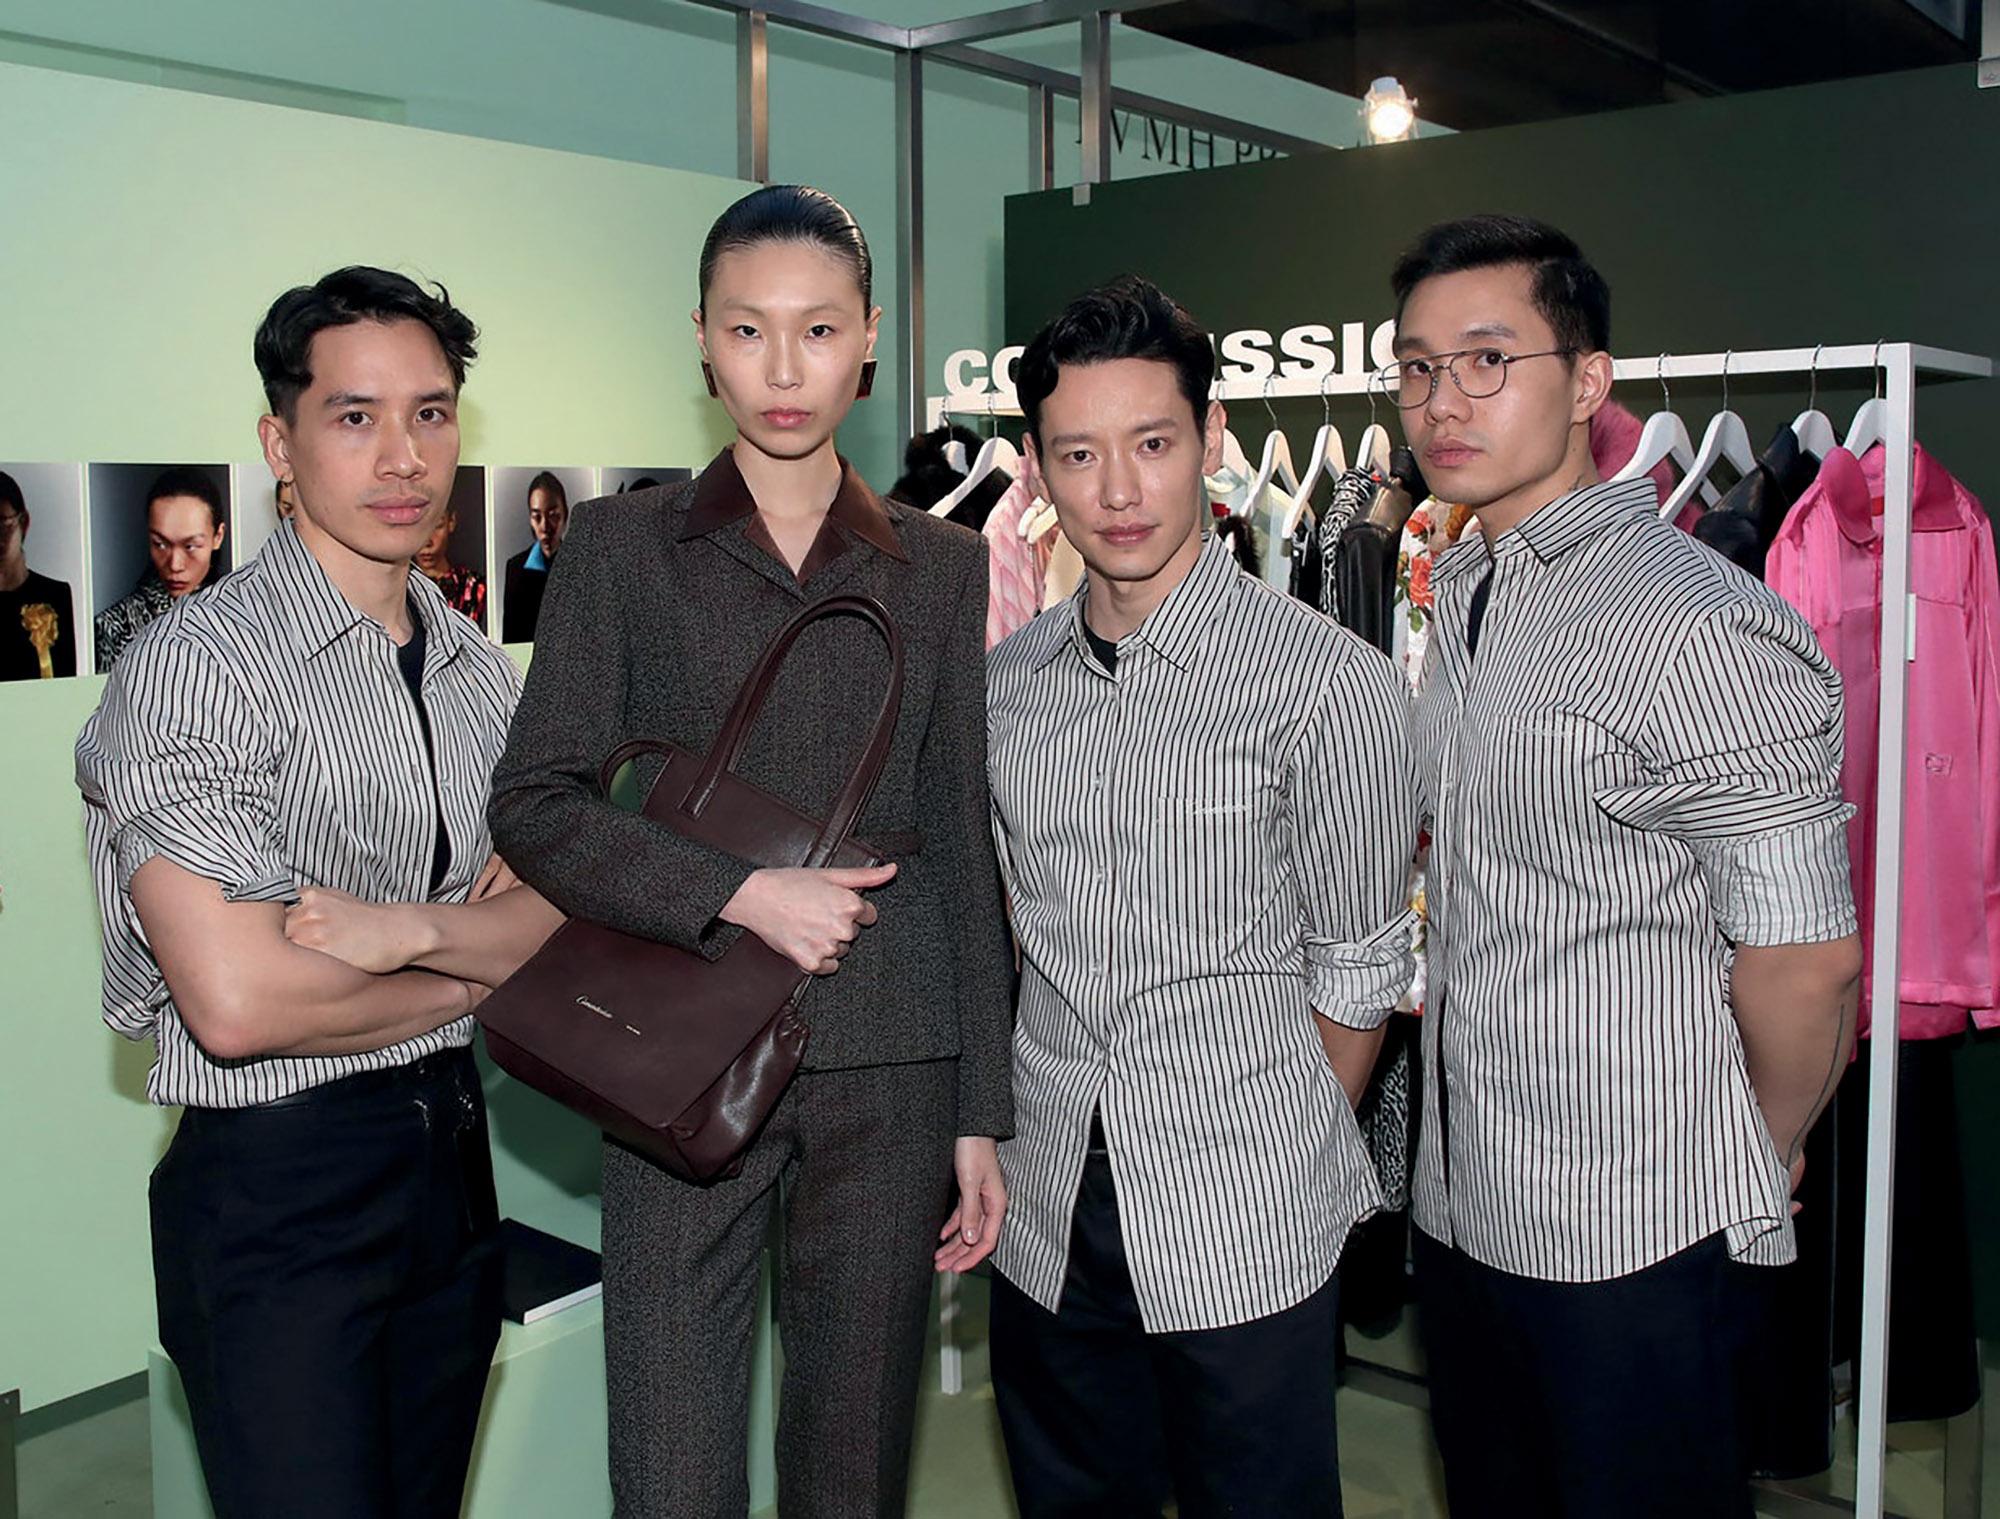 nhà thiết kế thời trang của thương hiệu Commission